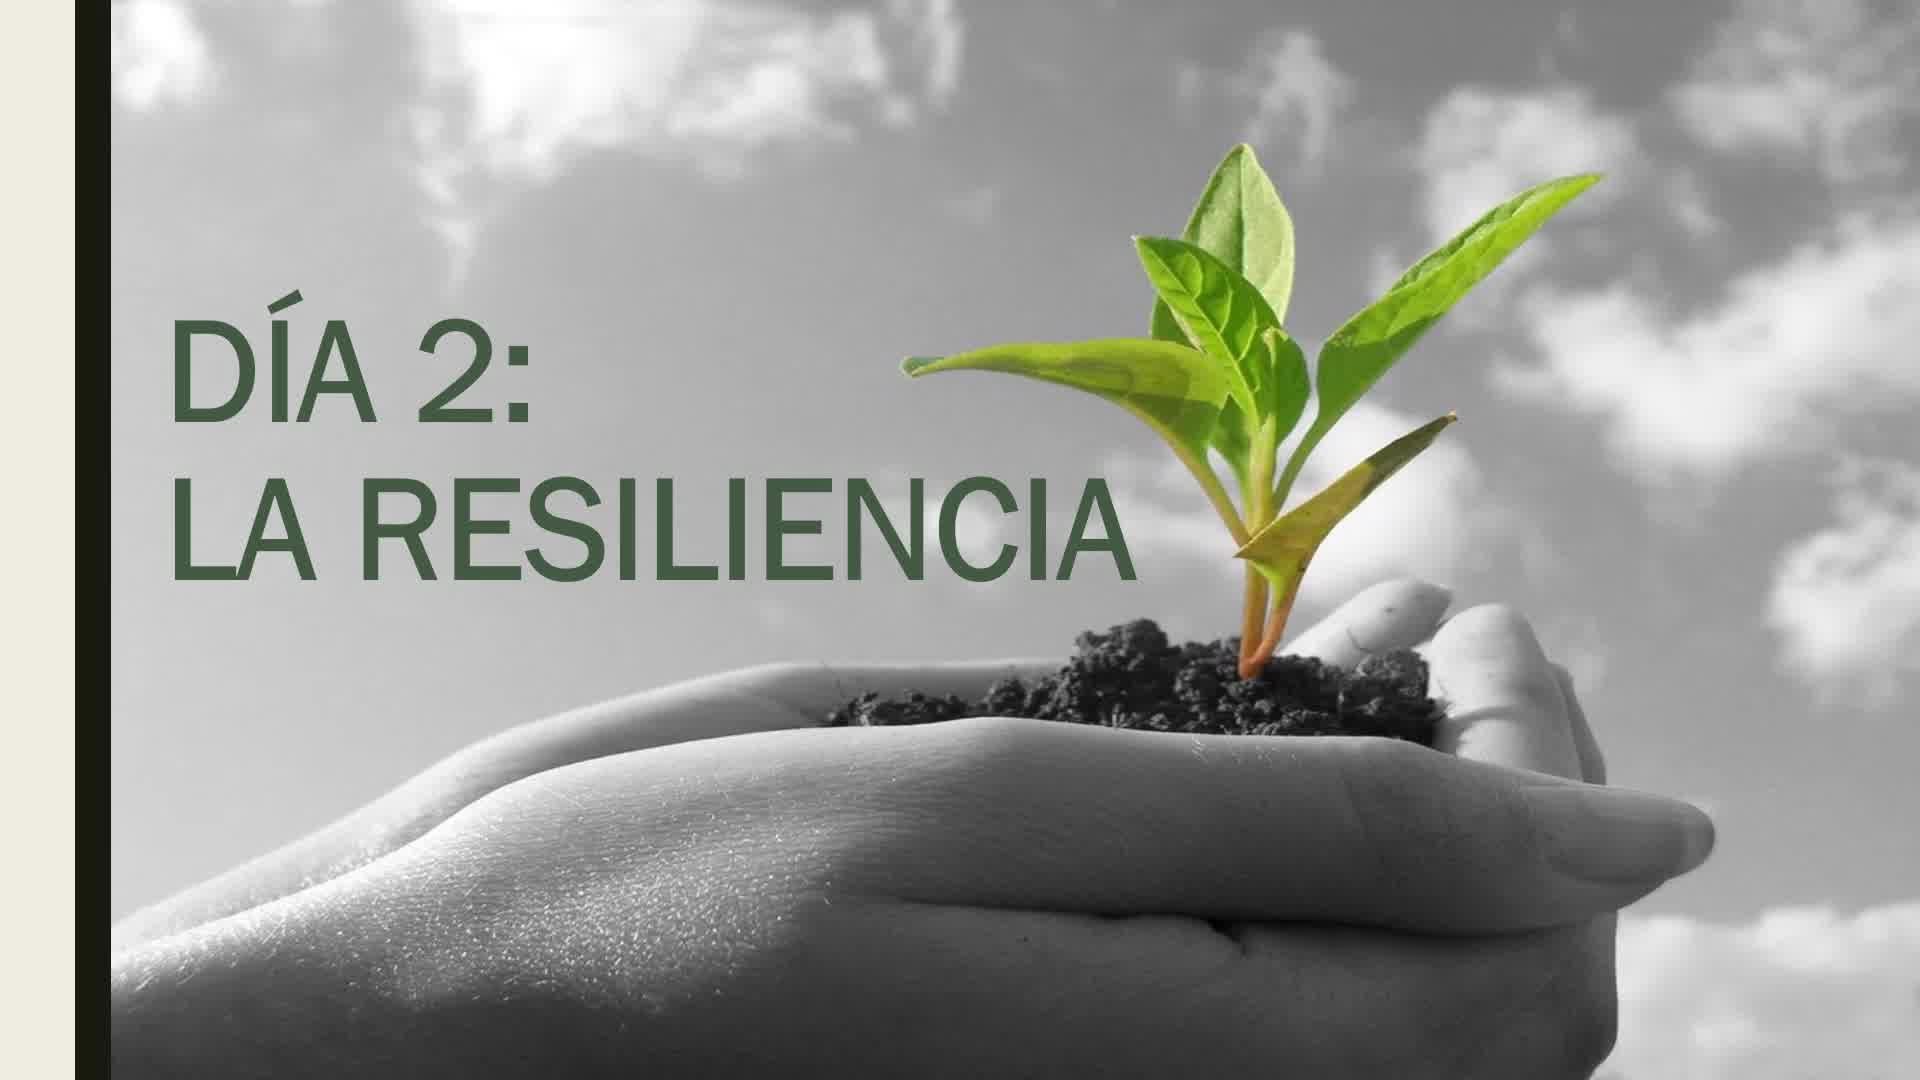 DIA 2 - RESILIENCIA